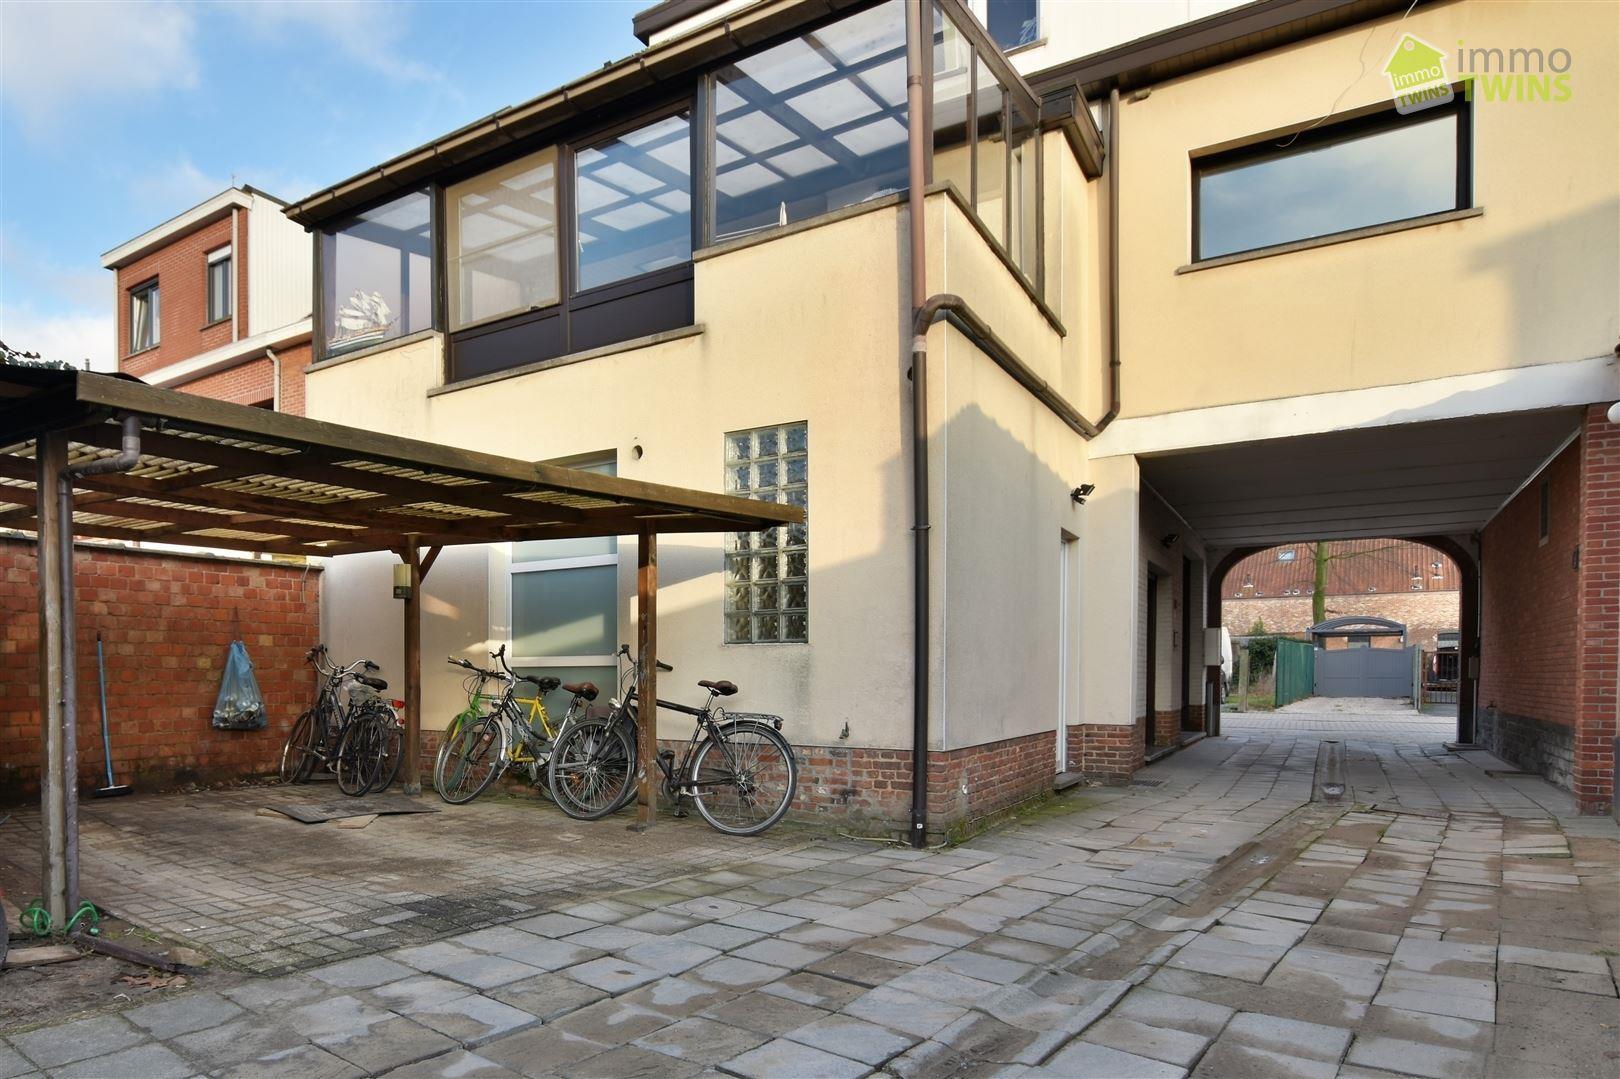 Foto 16 : Gemengd gebouw te 2880 BORNEM (België) - Prijs € 225.000